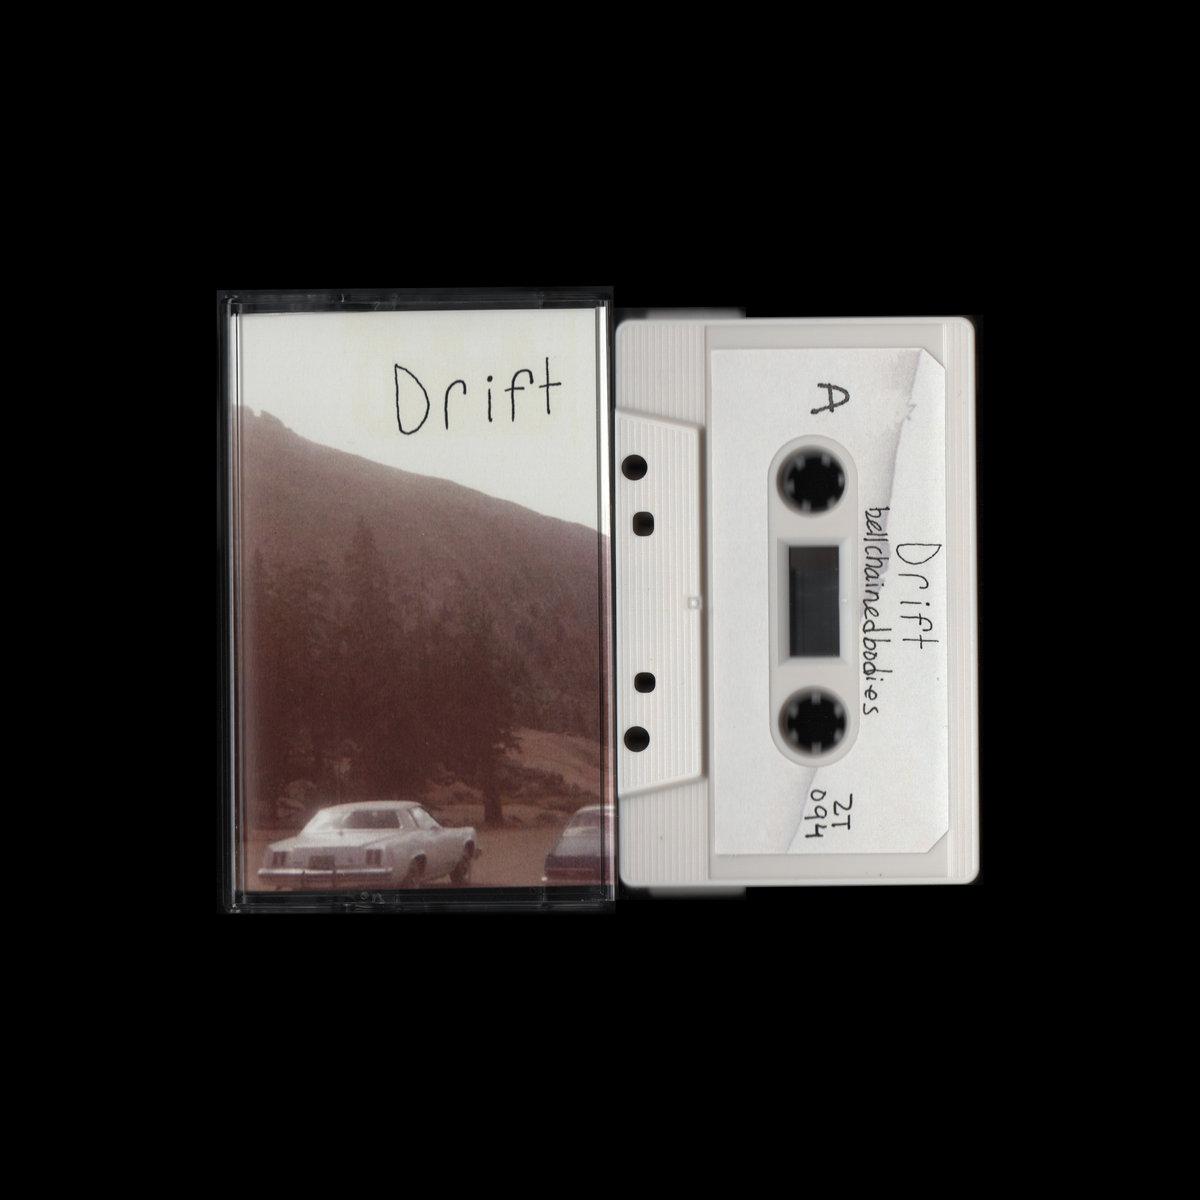 bellchainedbodies - Drift (Z Tapes)